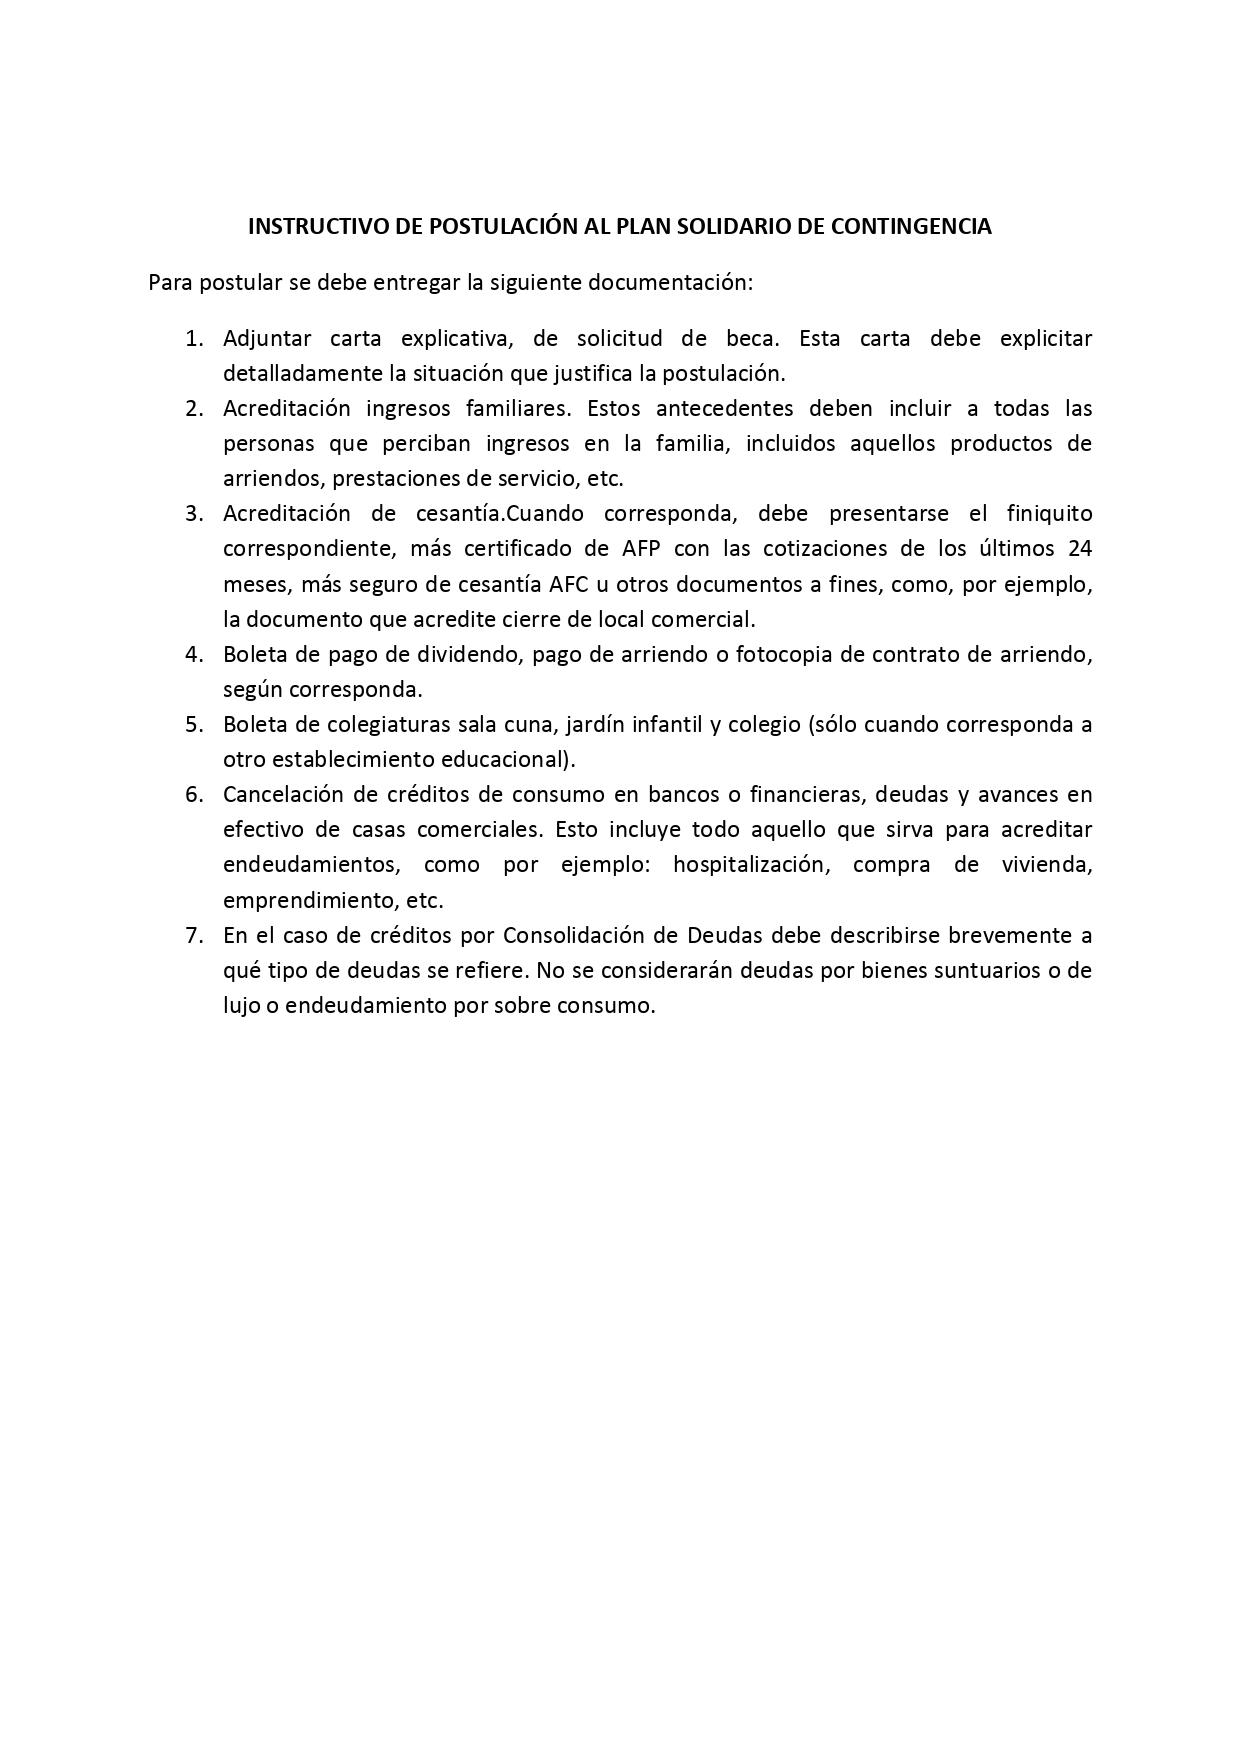 RESPUESTA RECTORA_6